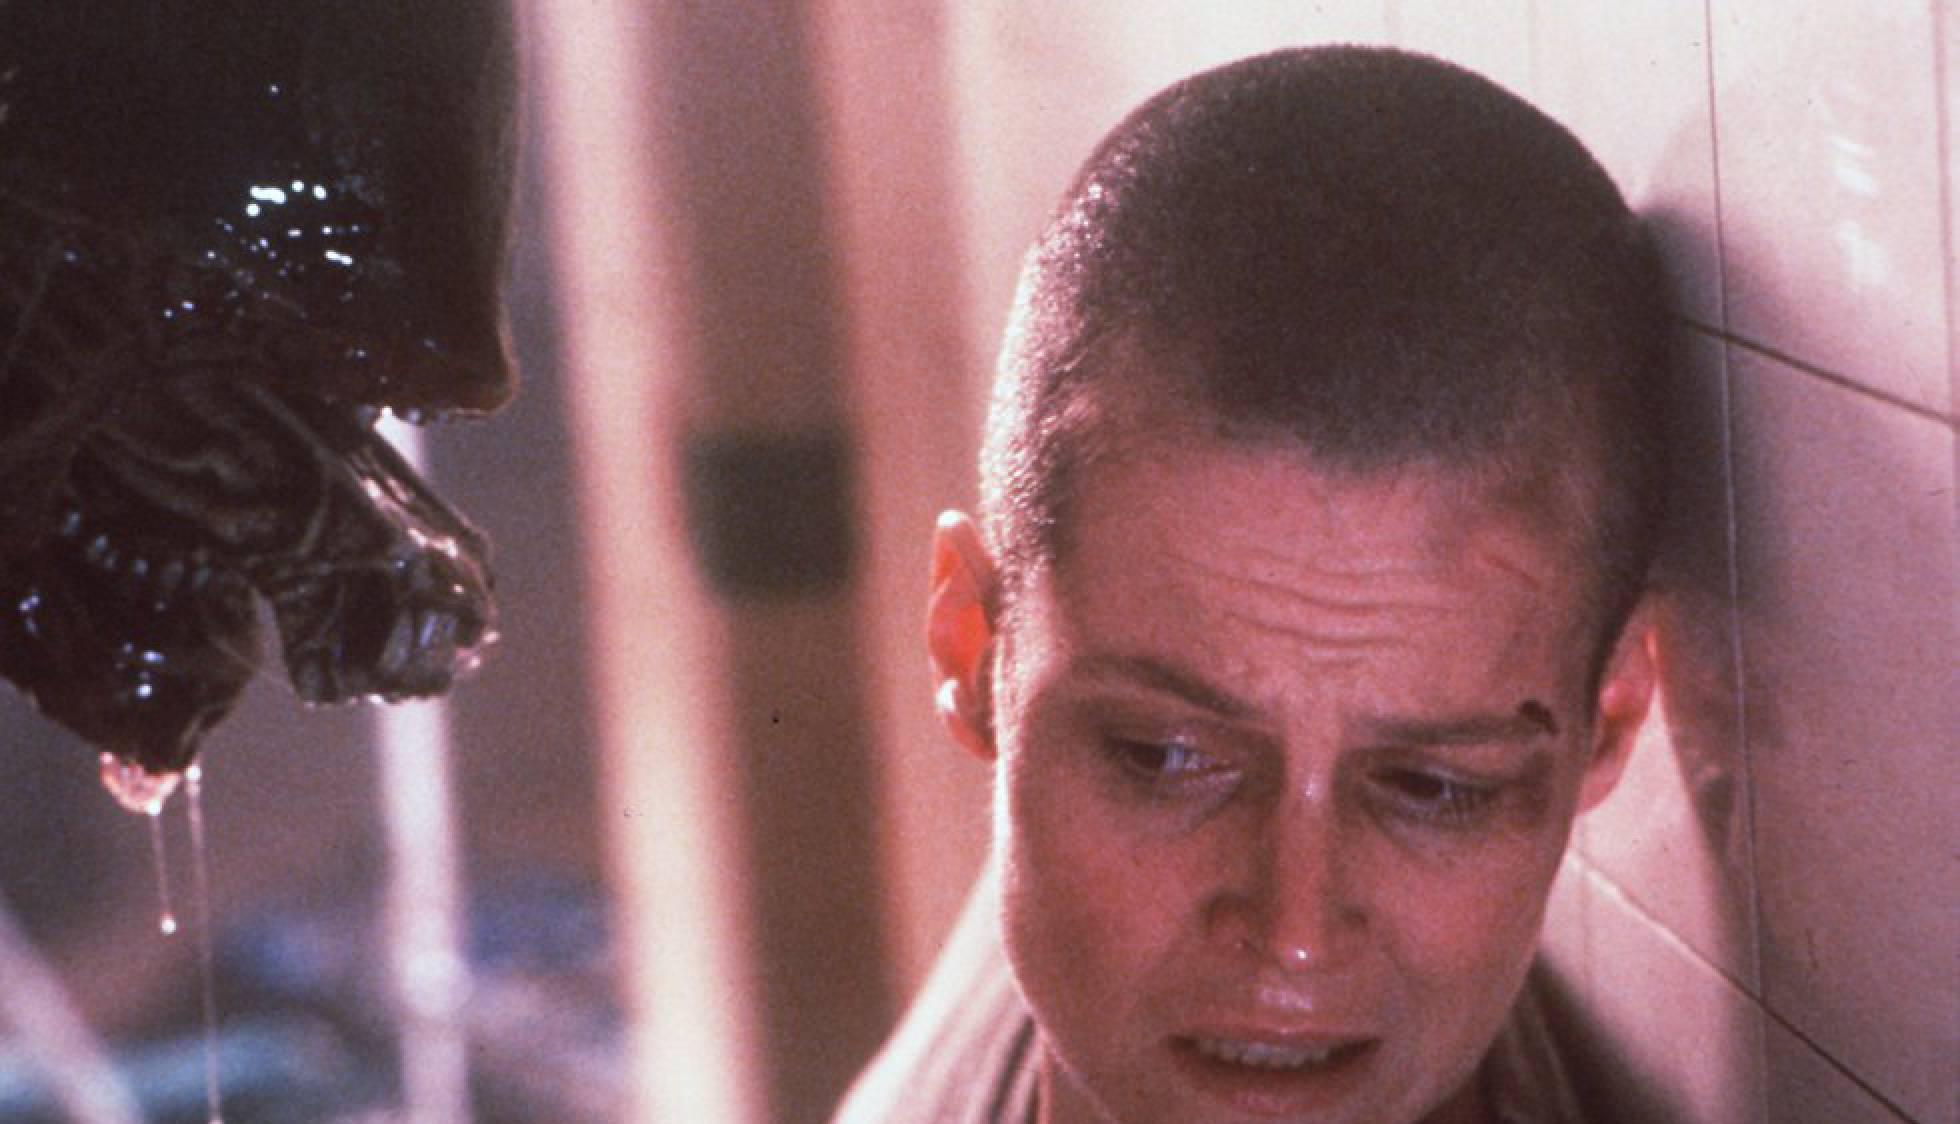 Cena de Alien 3 (1992) Reprodução do El País